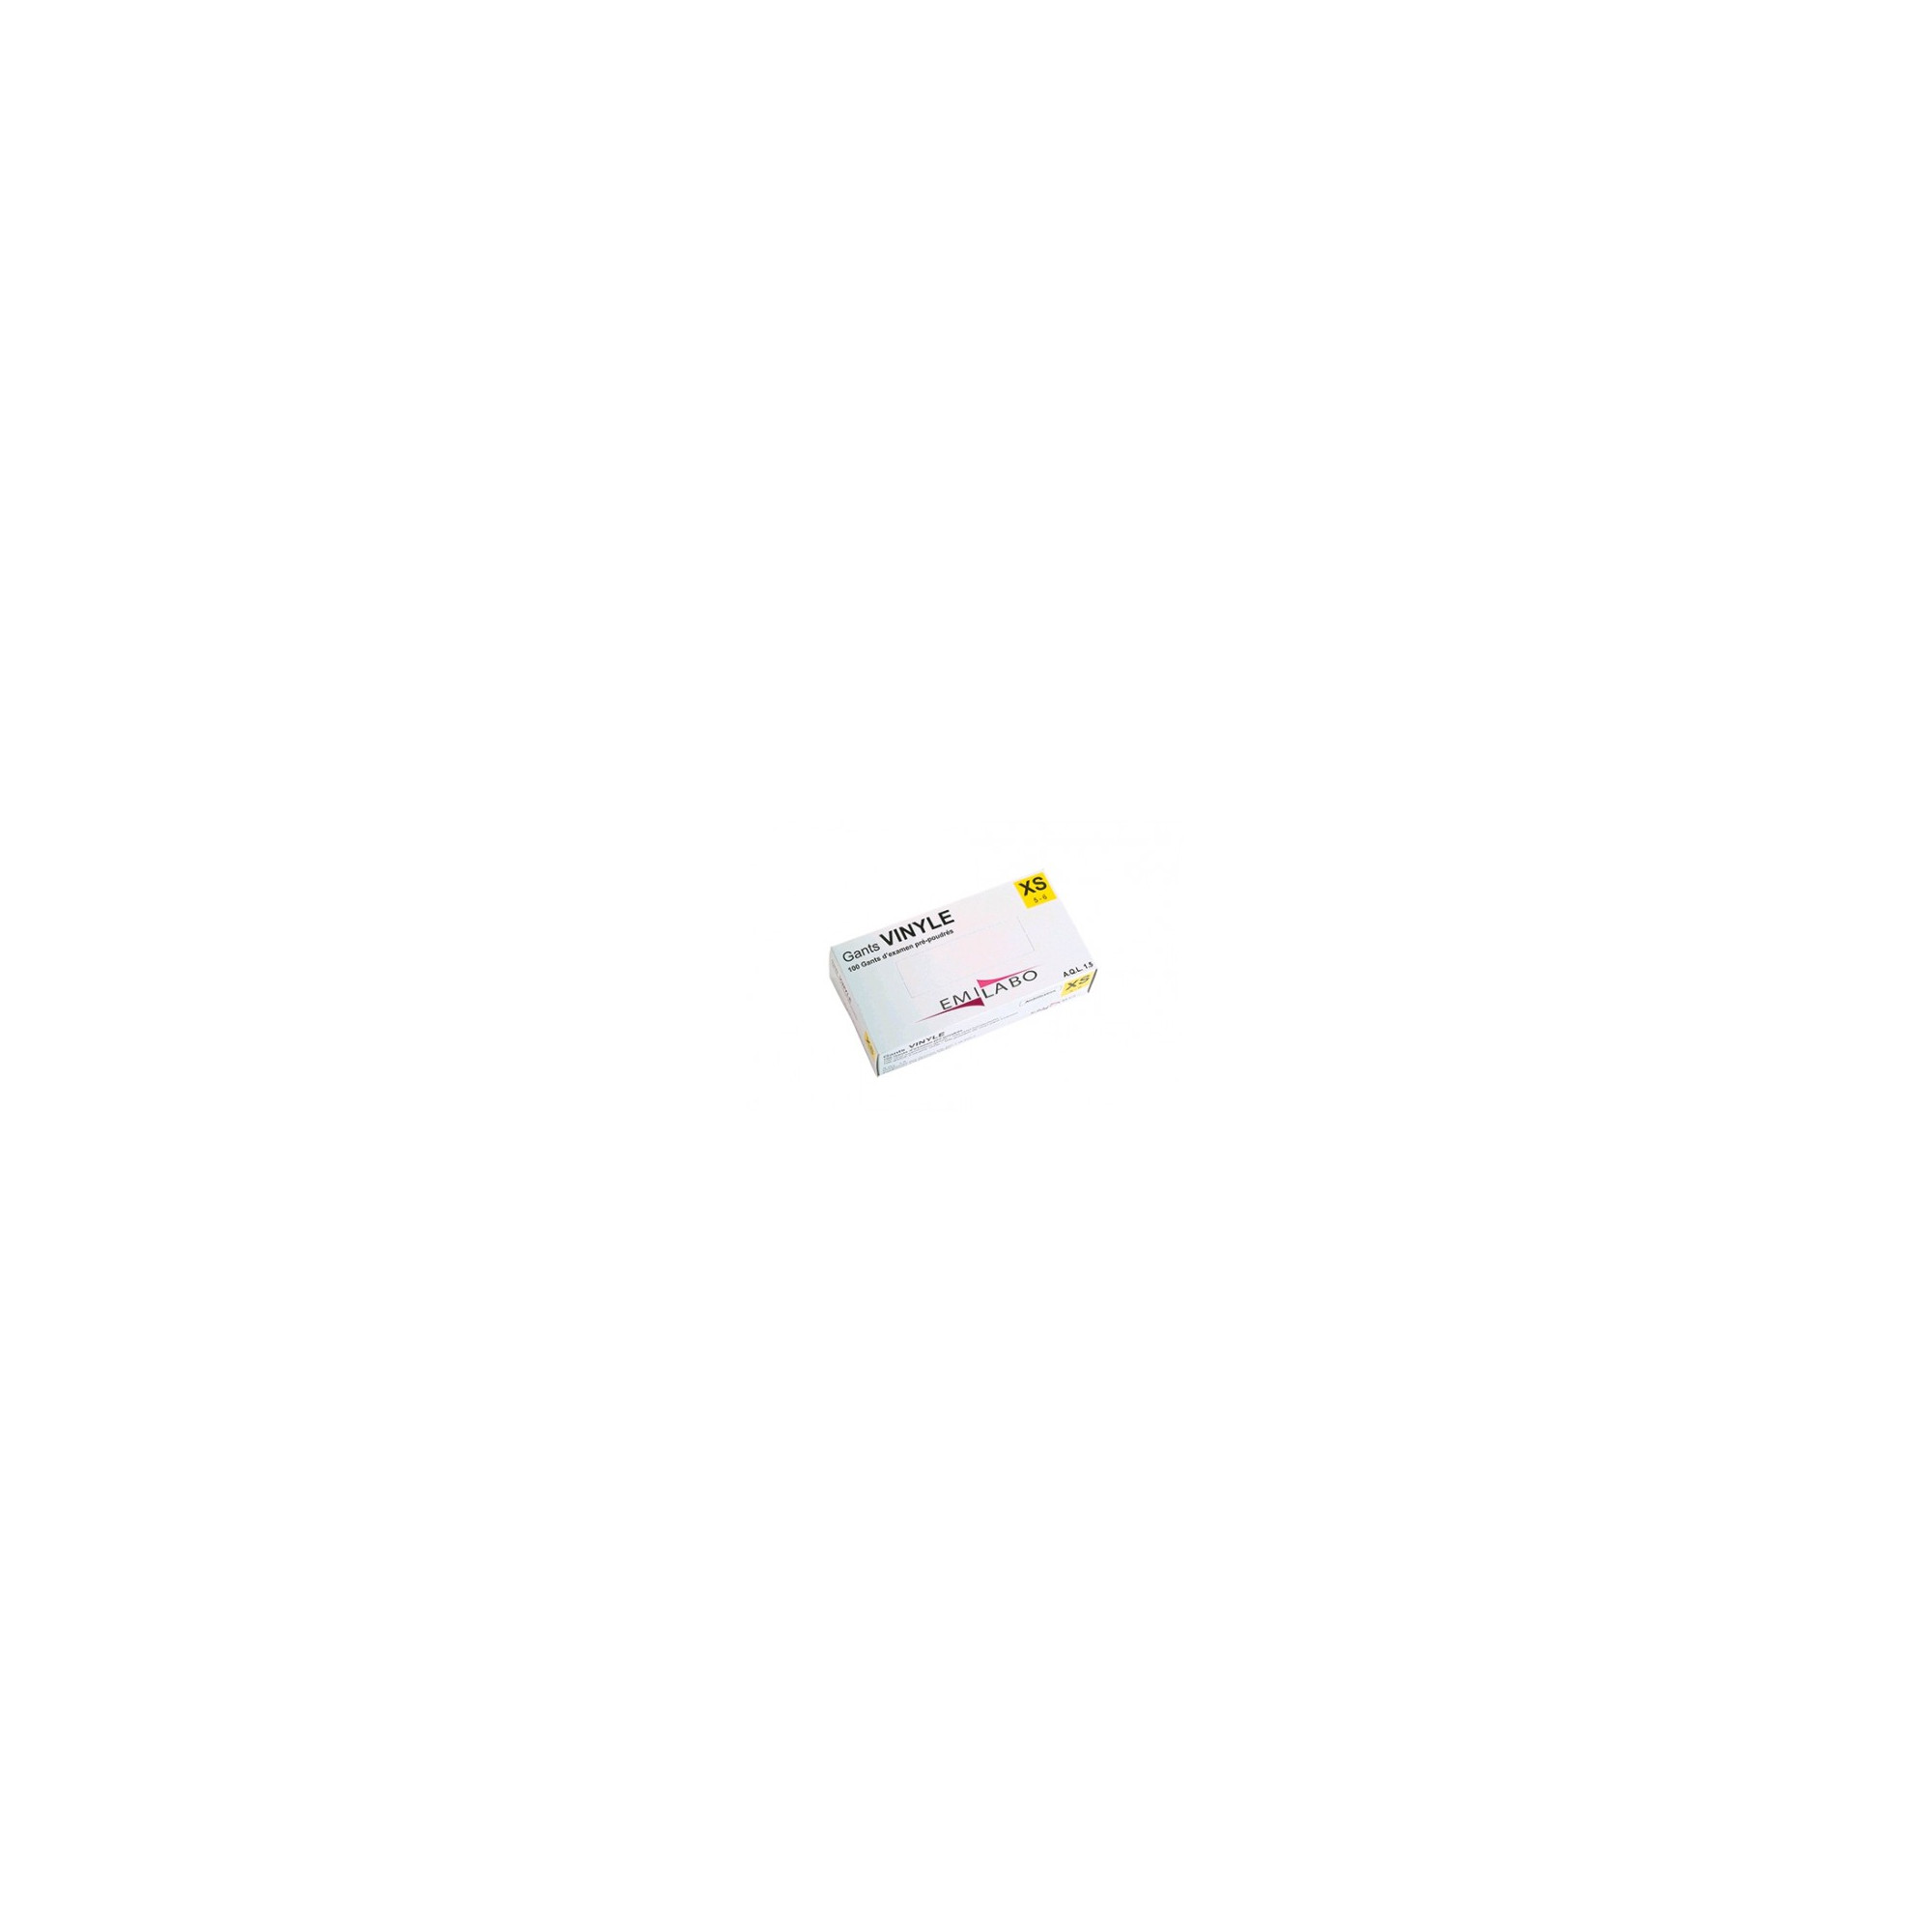 Gants d'examen - Vinyle - Pré-poudrés - Ambidextres - Boite de 100 - Emilabo